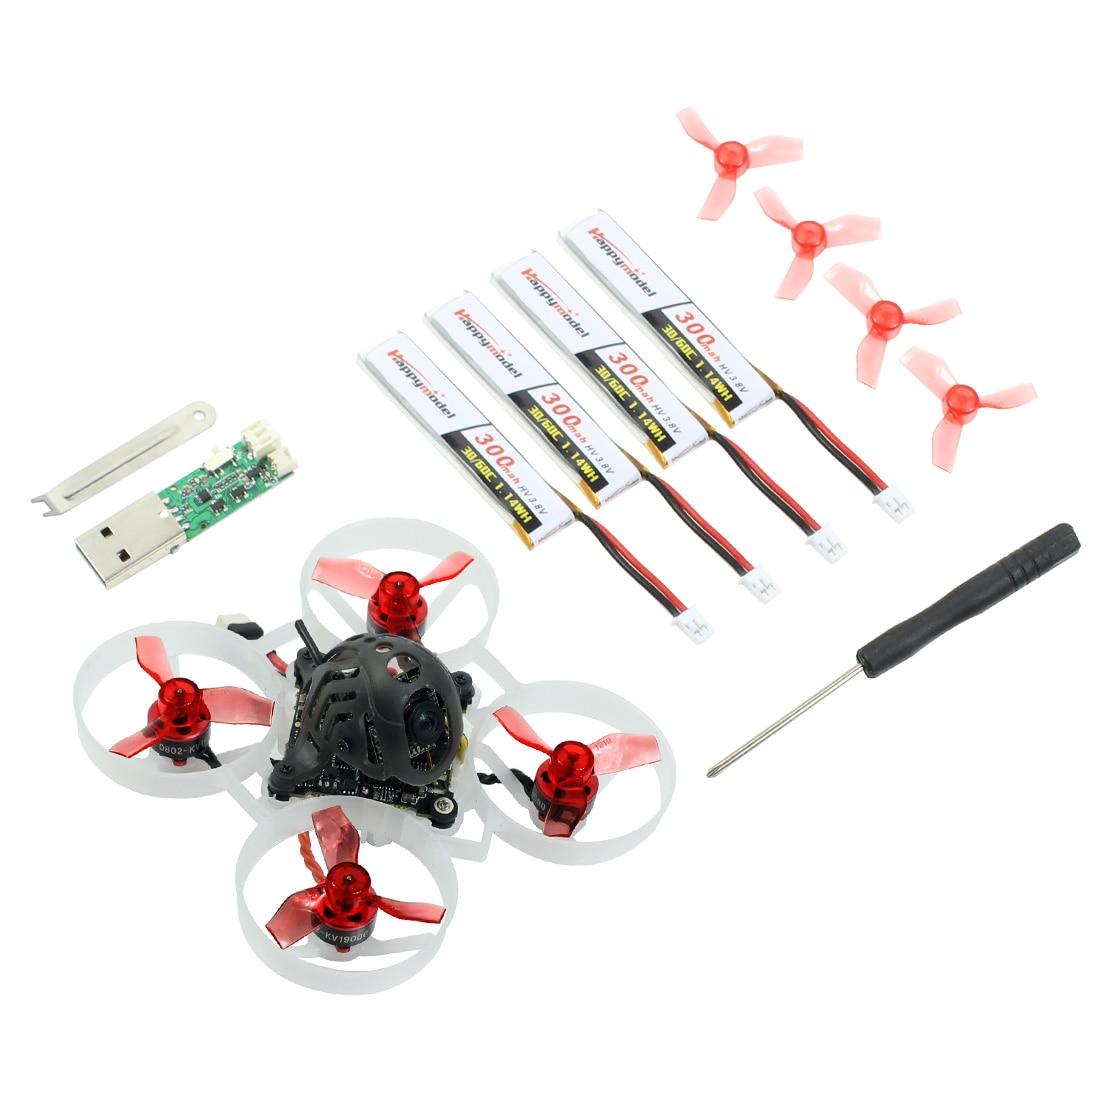 Happymodel Mobula6 Mobula 6 1S 65mm Drone de course sans brosse FPV avec 4in1 crazy ybee F4 Lite Runcam Nano3 pré-commande RC Dron